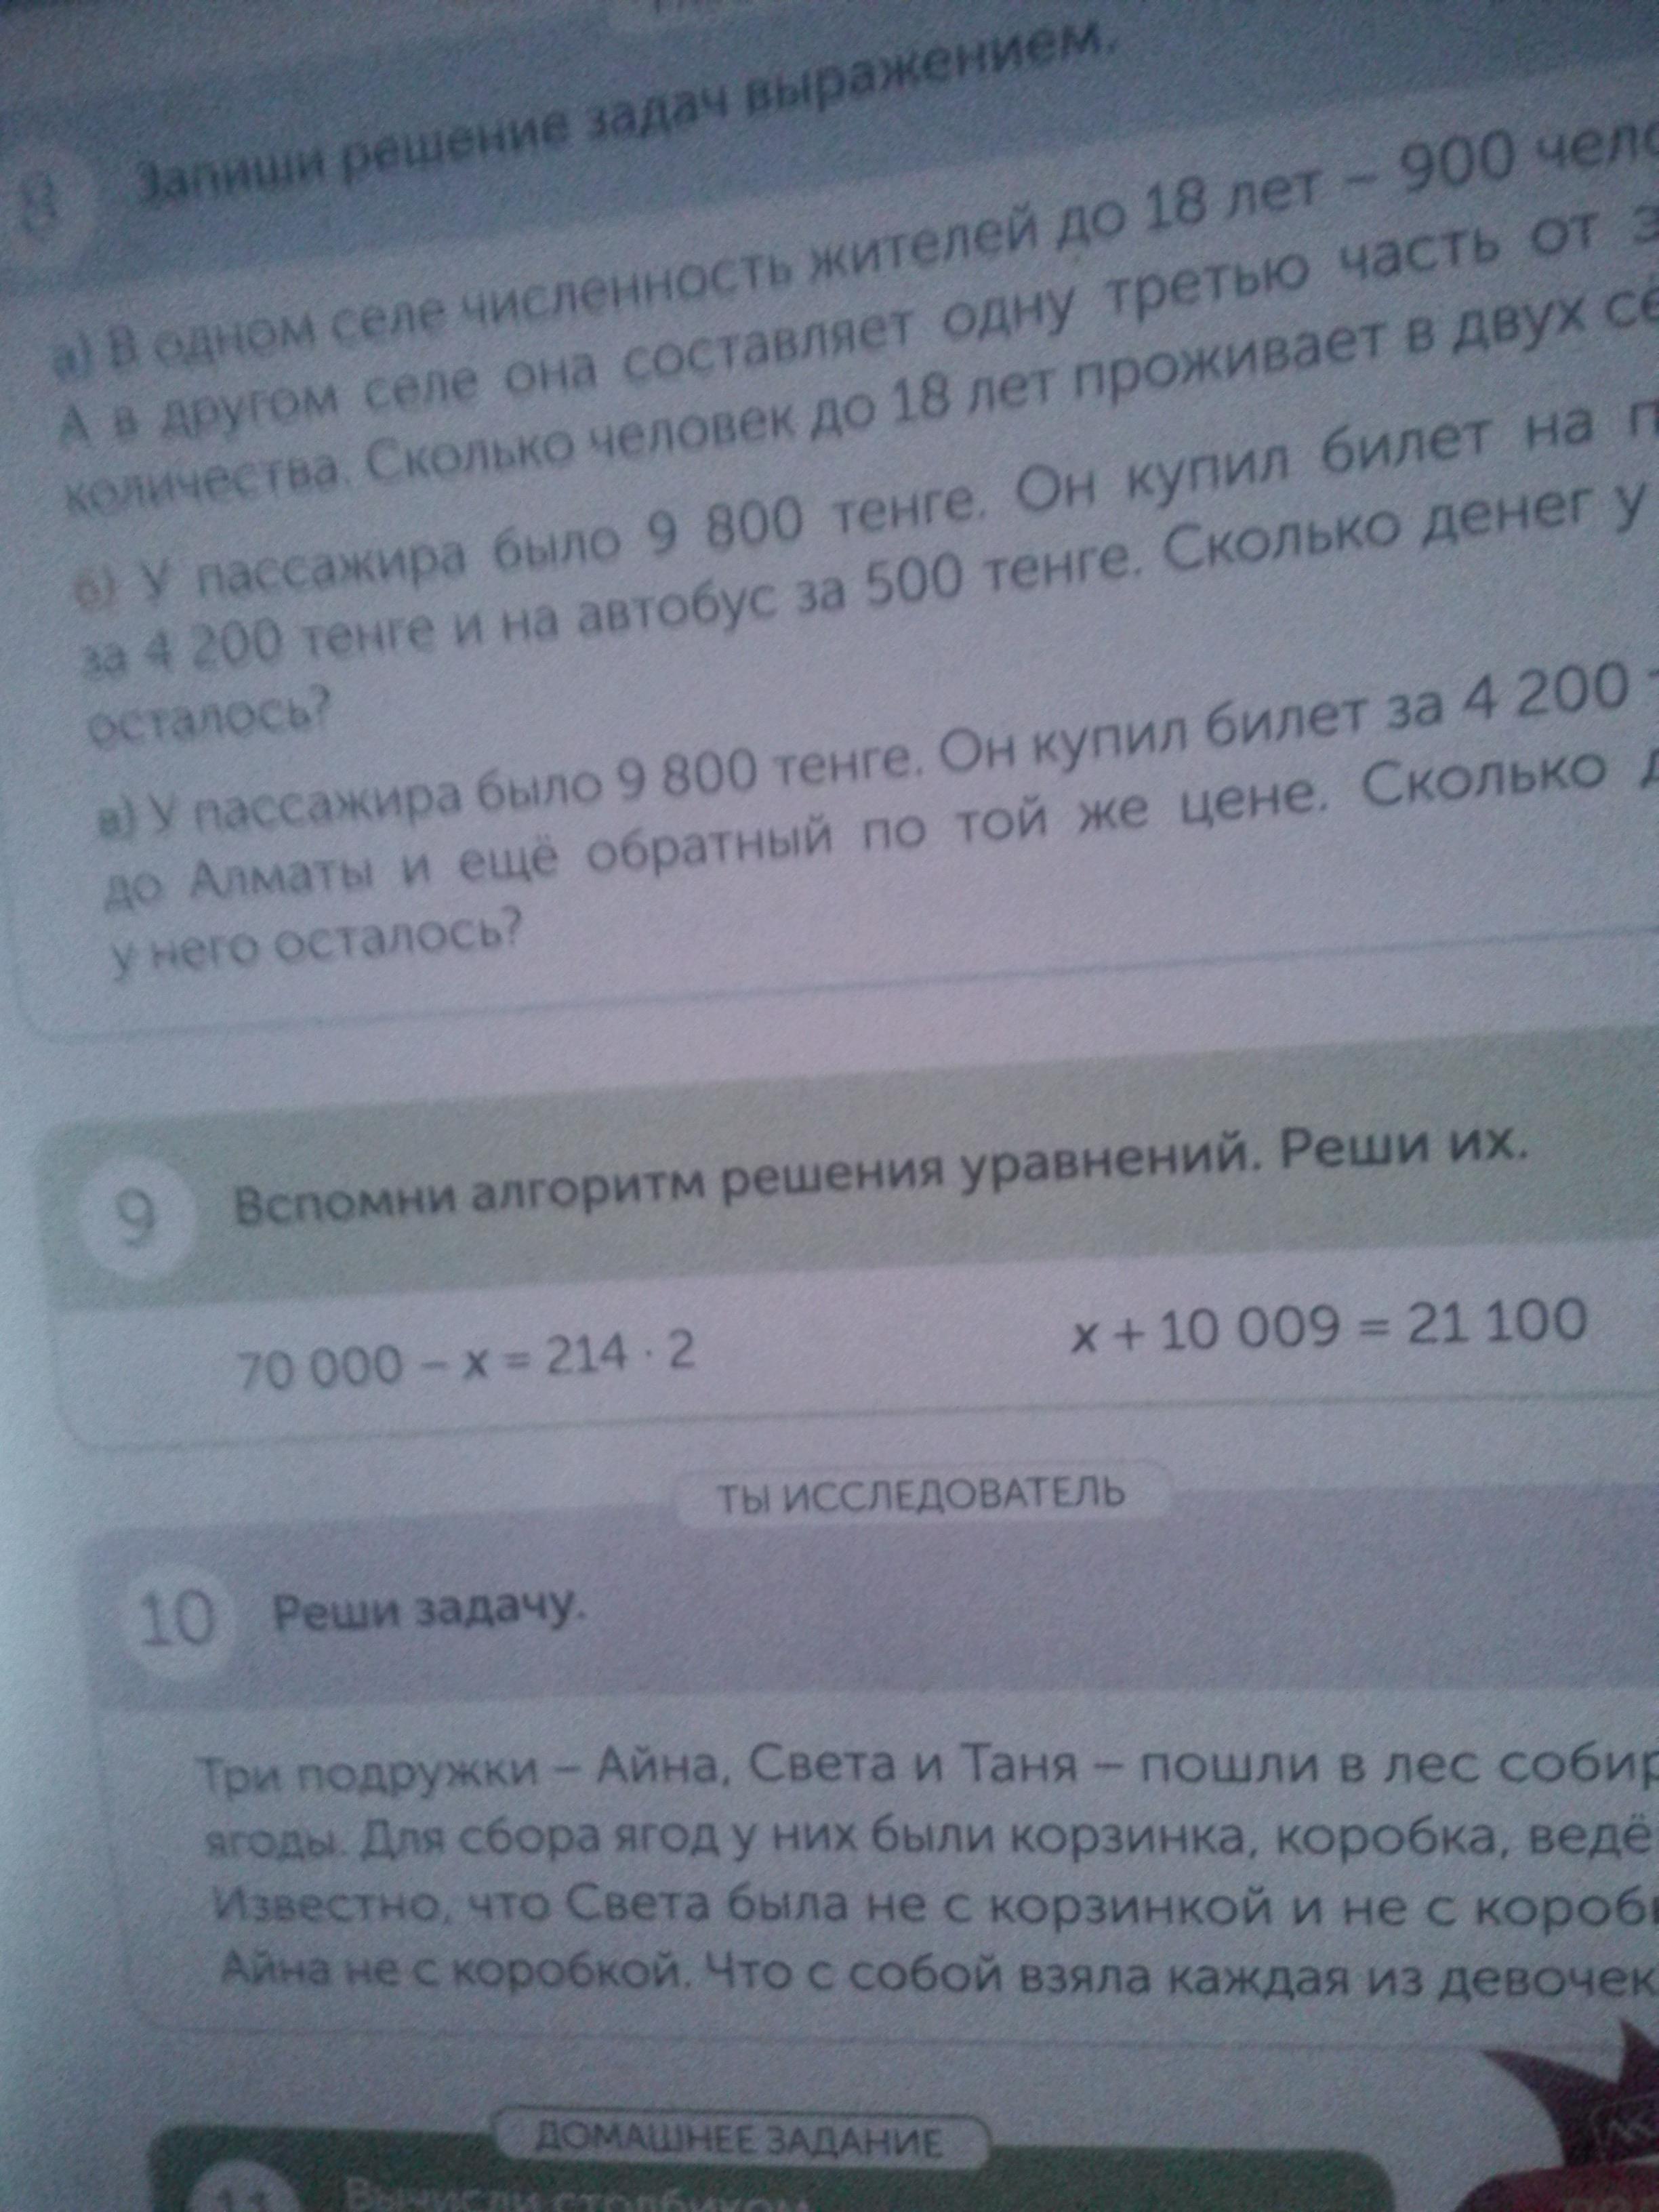 пао сбербанк россии санкт-петербург невский проспект 28